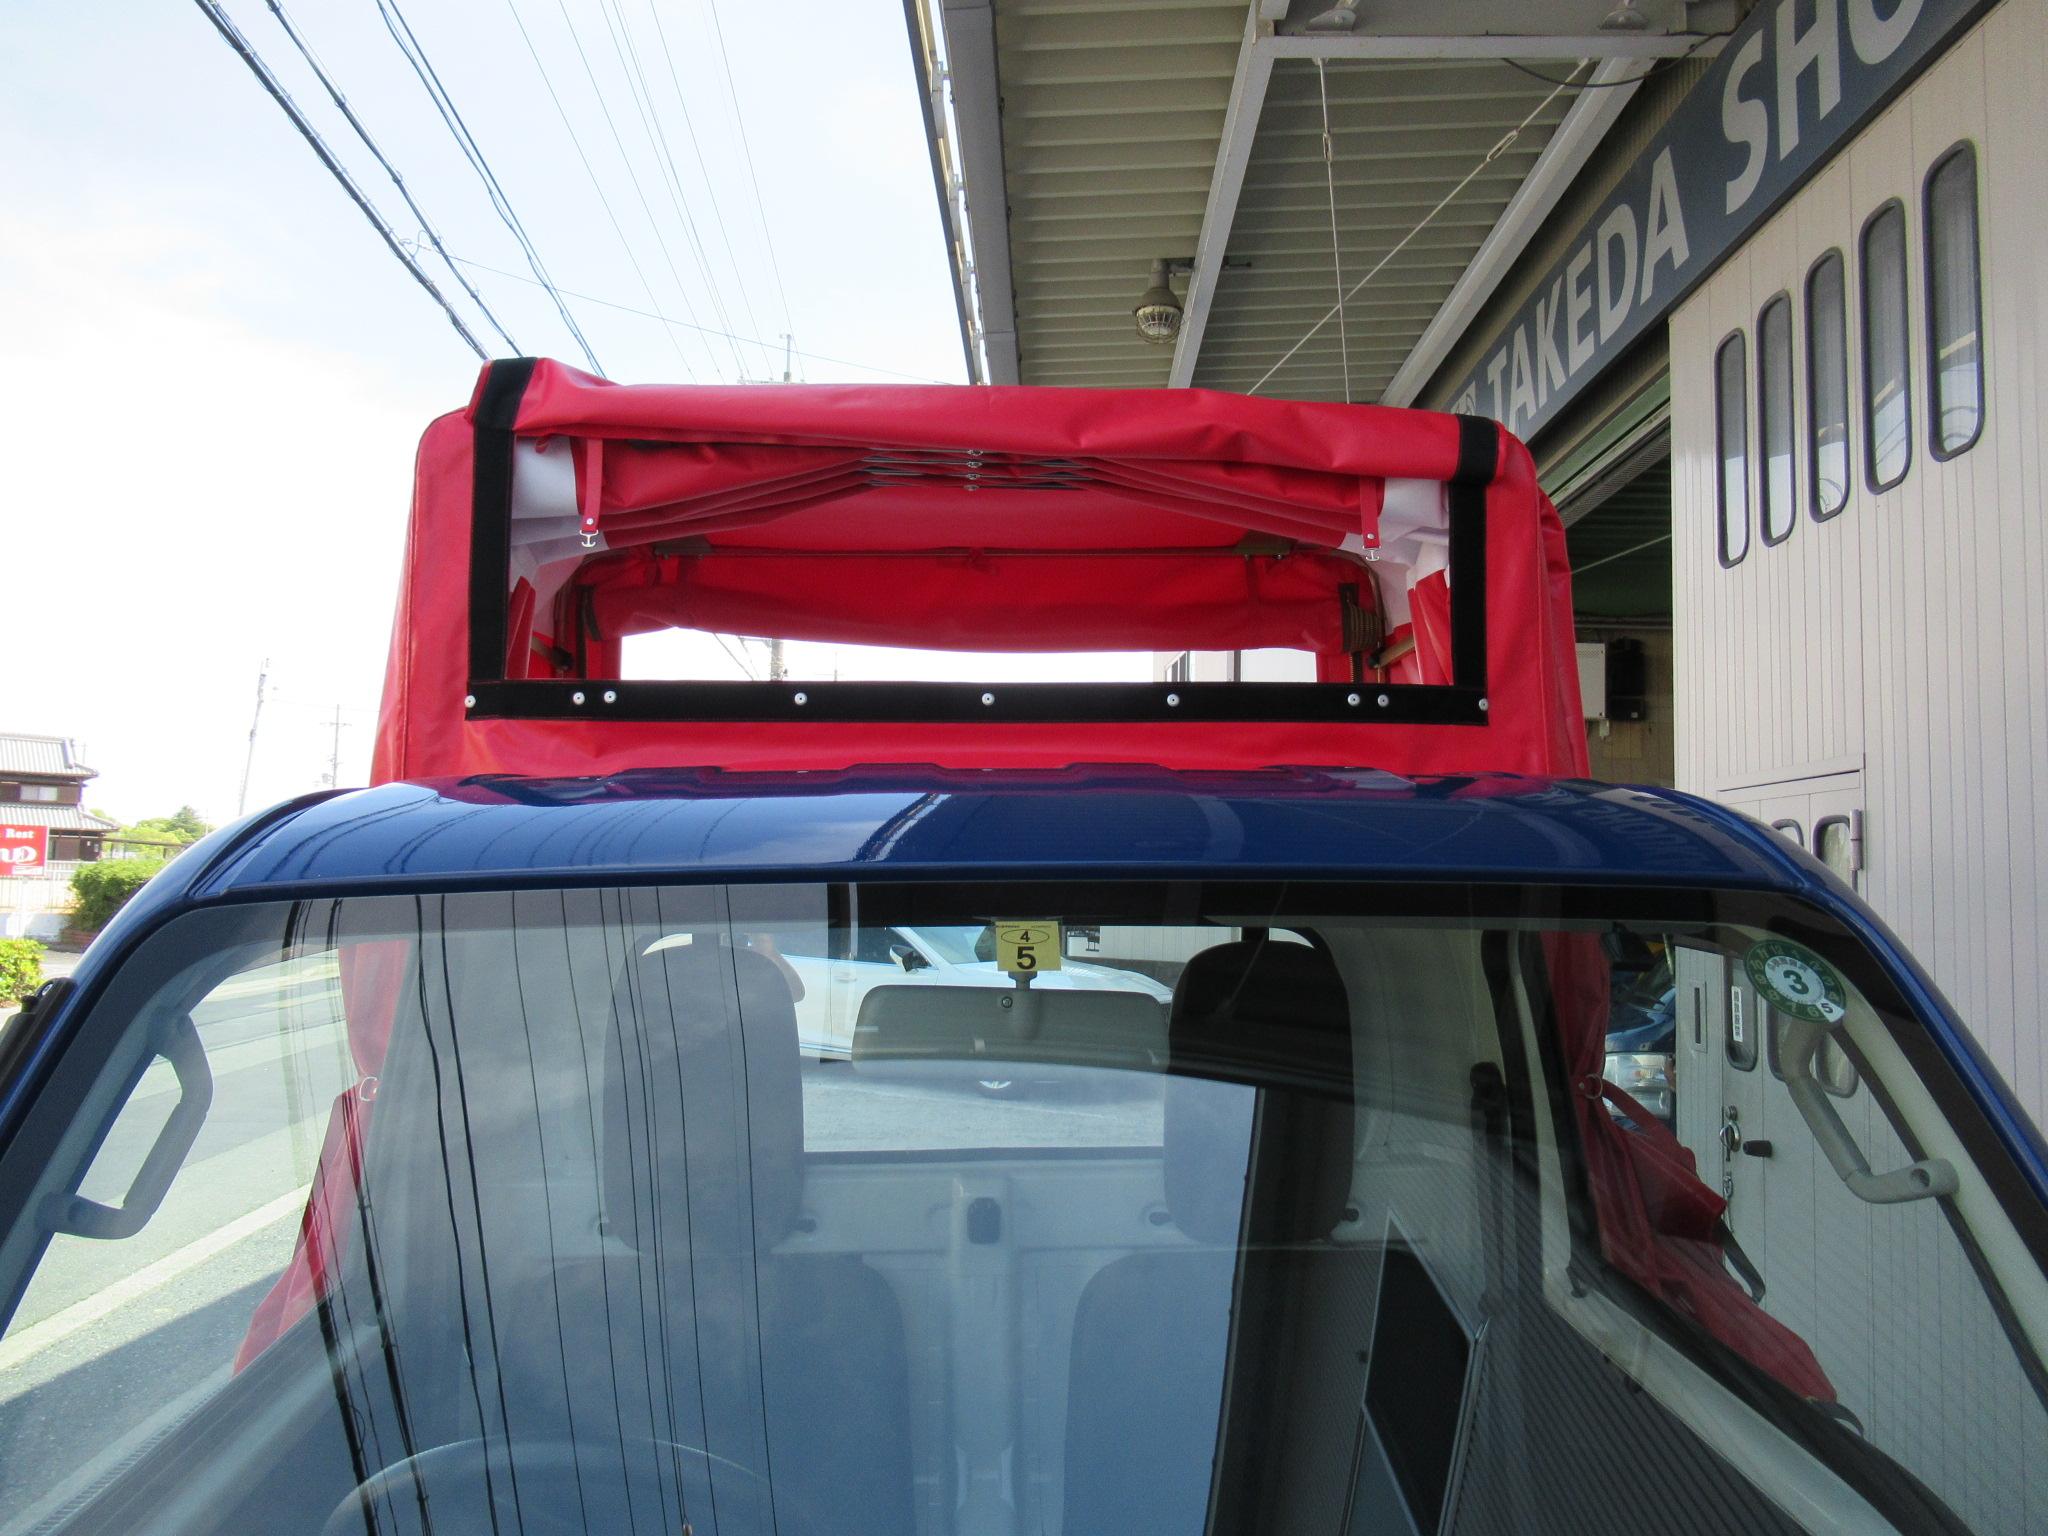 パワーゲート車アコーデオン幌架装(幌色 赤)